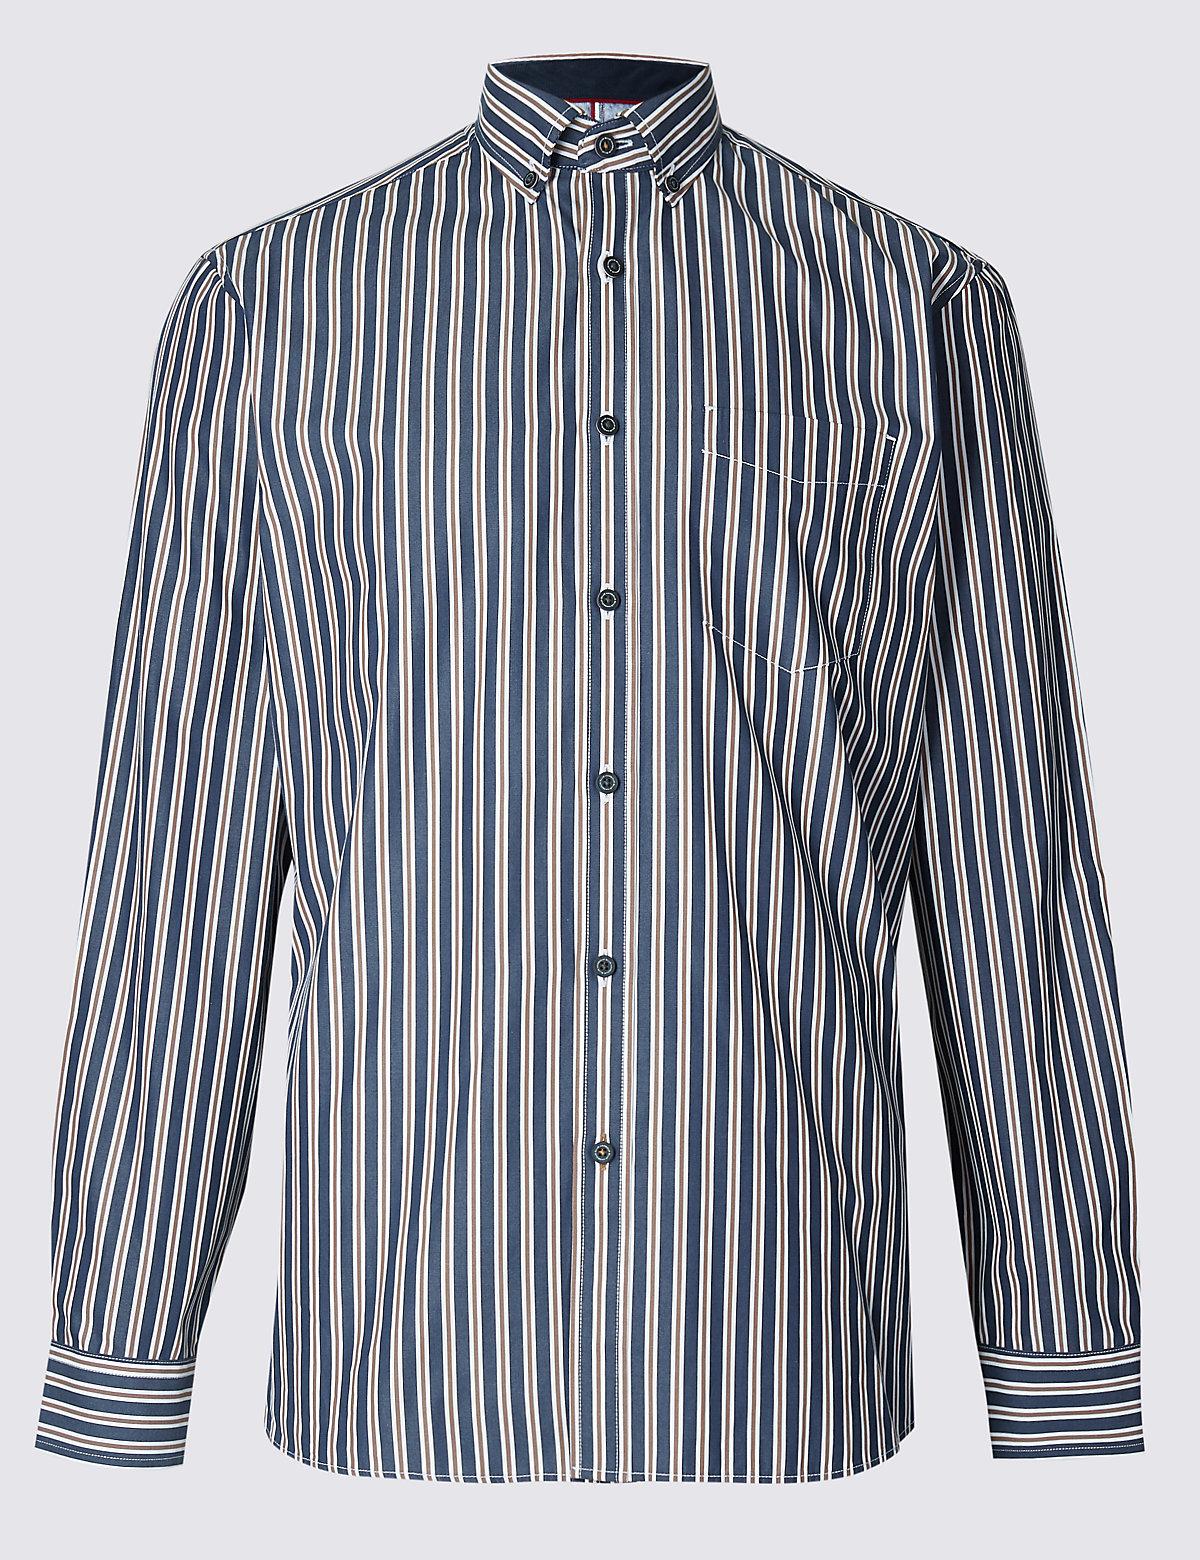 Рубашка из 100% хлопка с нагрудным карманом, в полоску